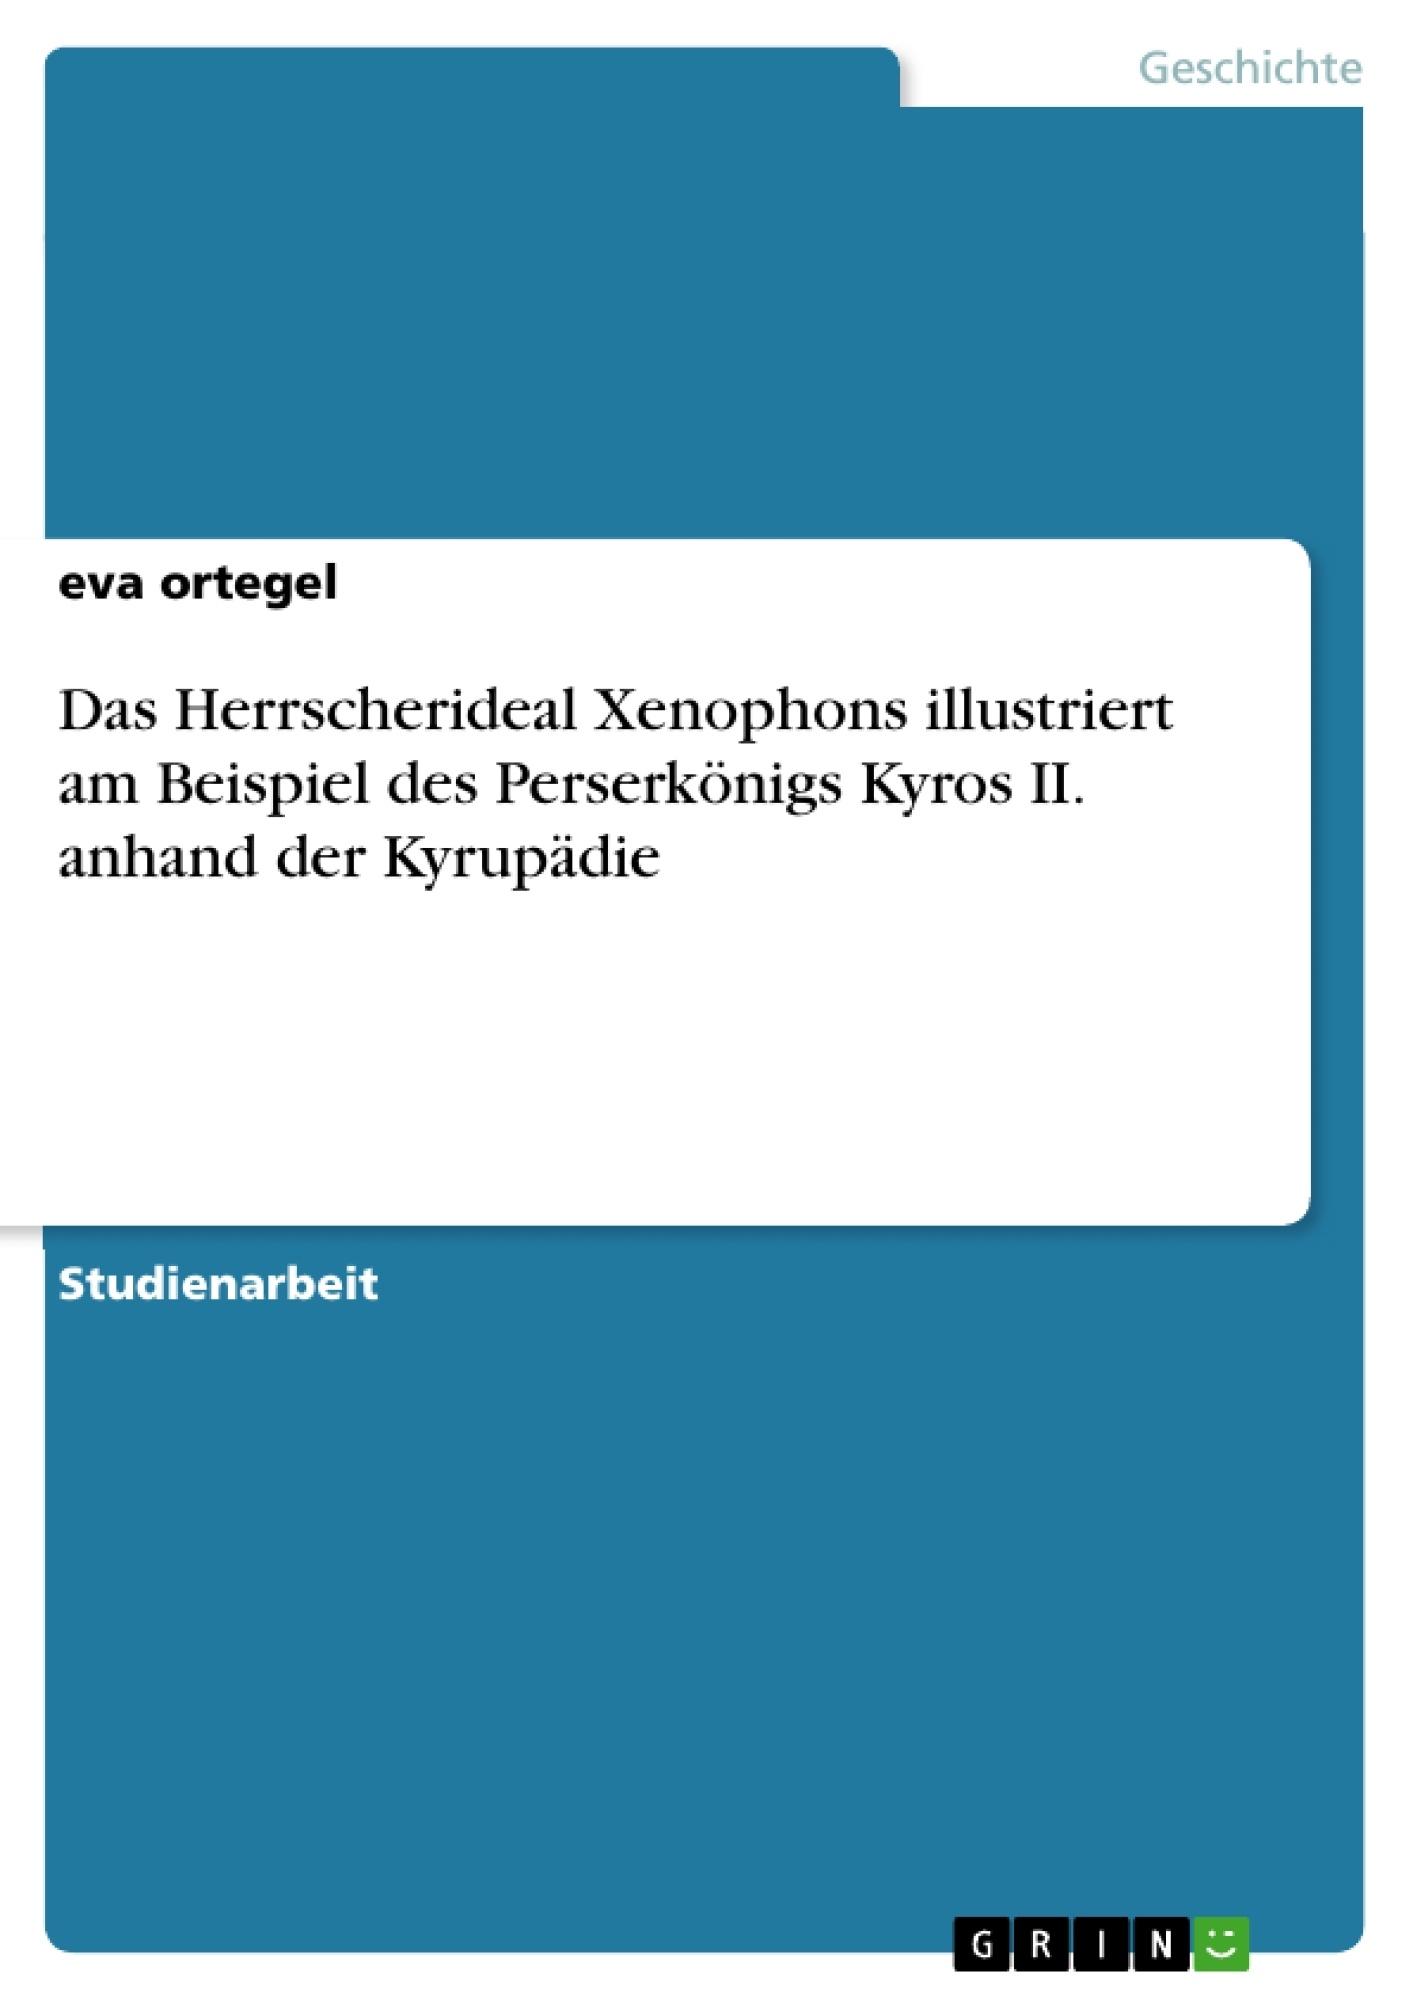 Titel: Das Herrscherideal Xenophons illustriert am Beispiel des Perserkönigs Kyros II. anhand der Kyrupädie